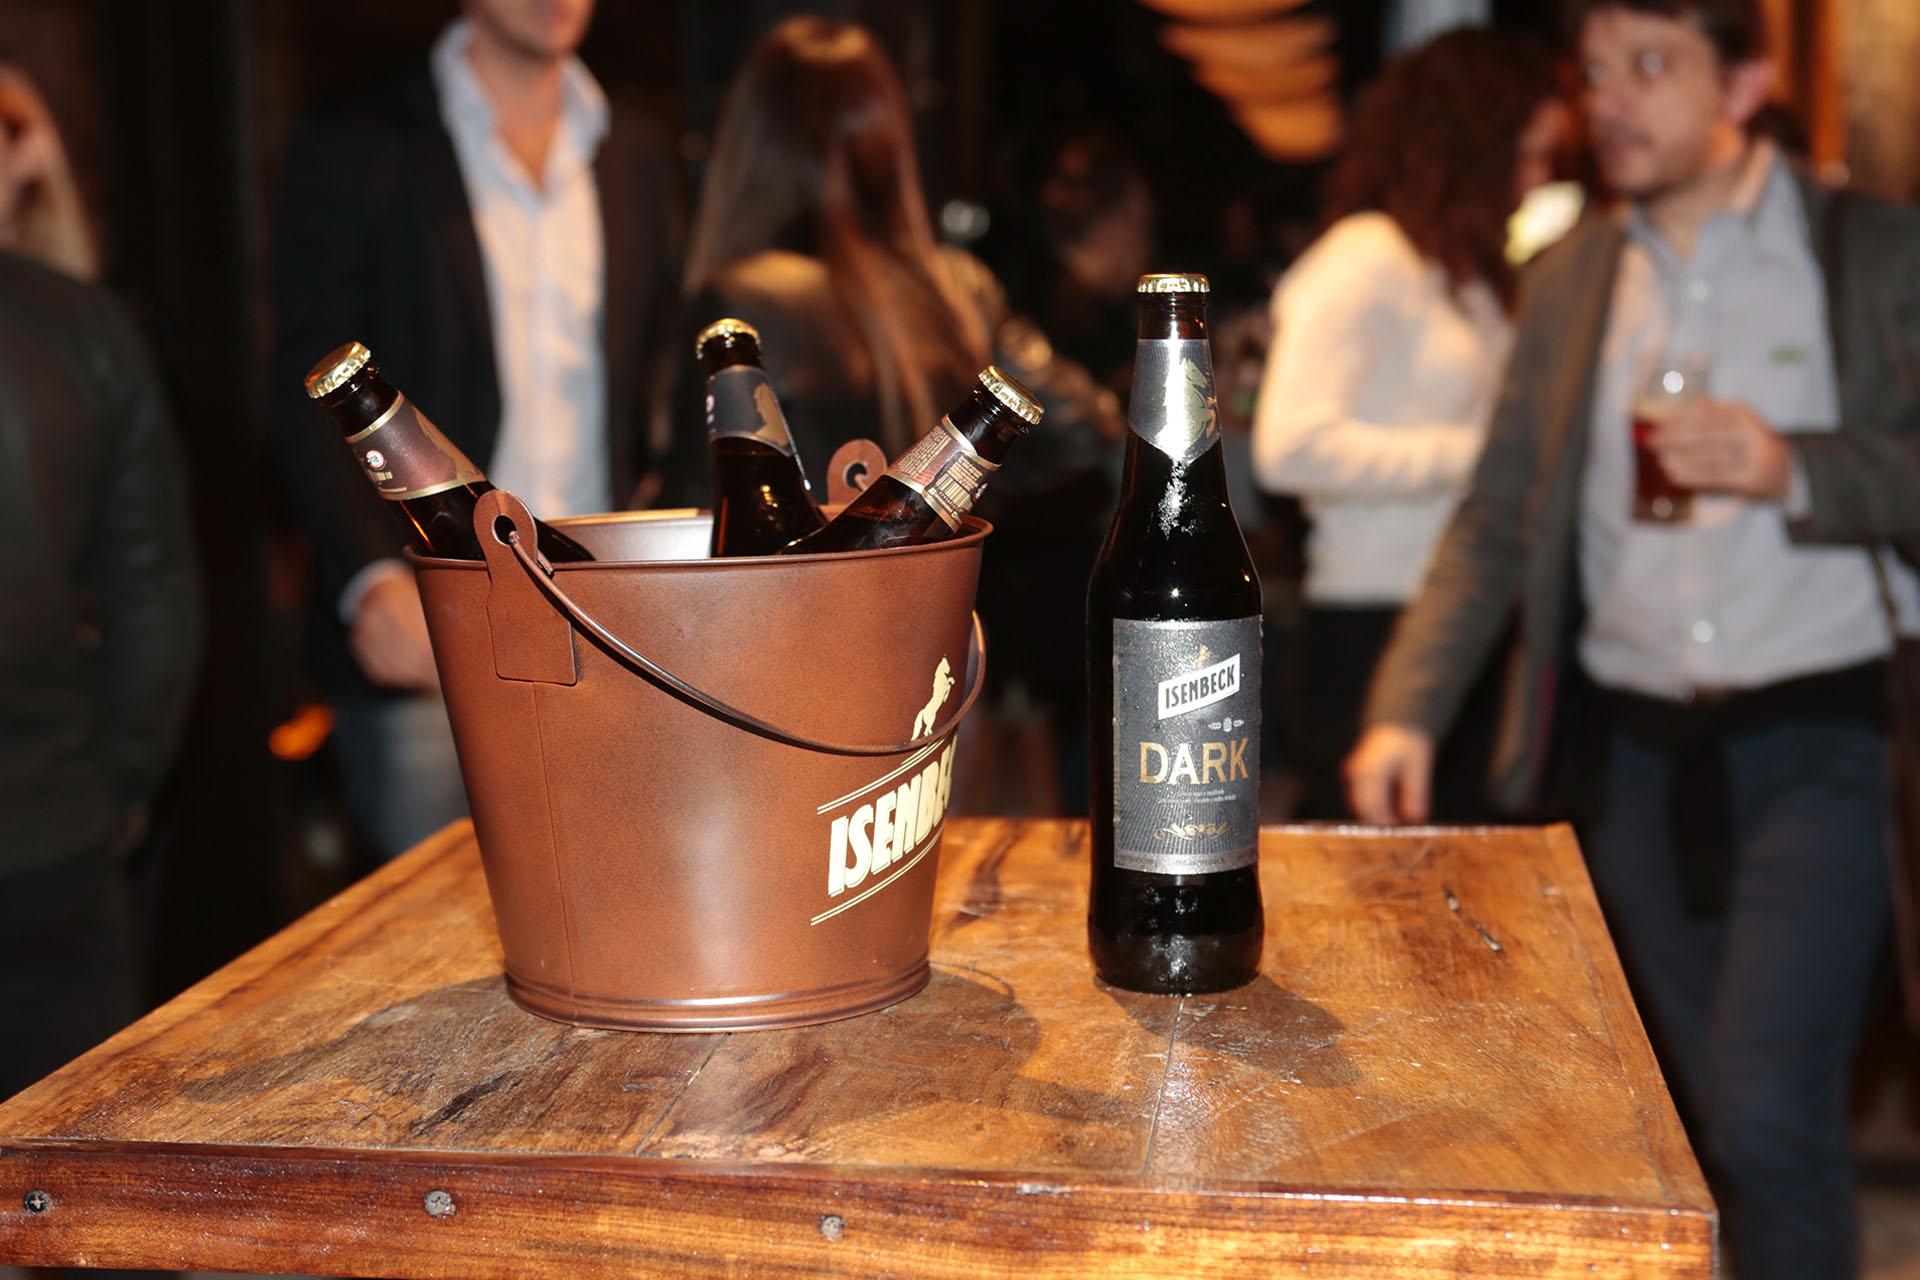 La Dark es una cerveza de estilo Bock, con un cuerpo y amargo medio, de color oscuro intenso, y en cuyo aroma se destacan notas como chocolate y café, impartidas por las maltas tostadas